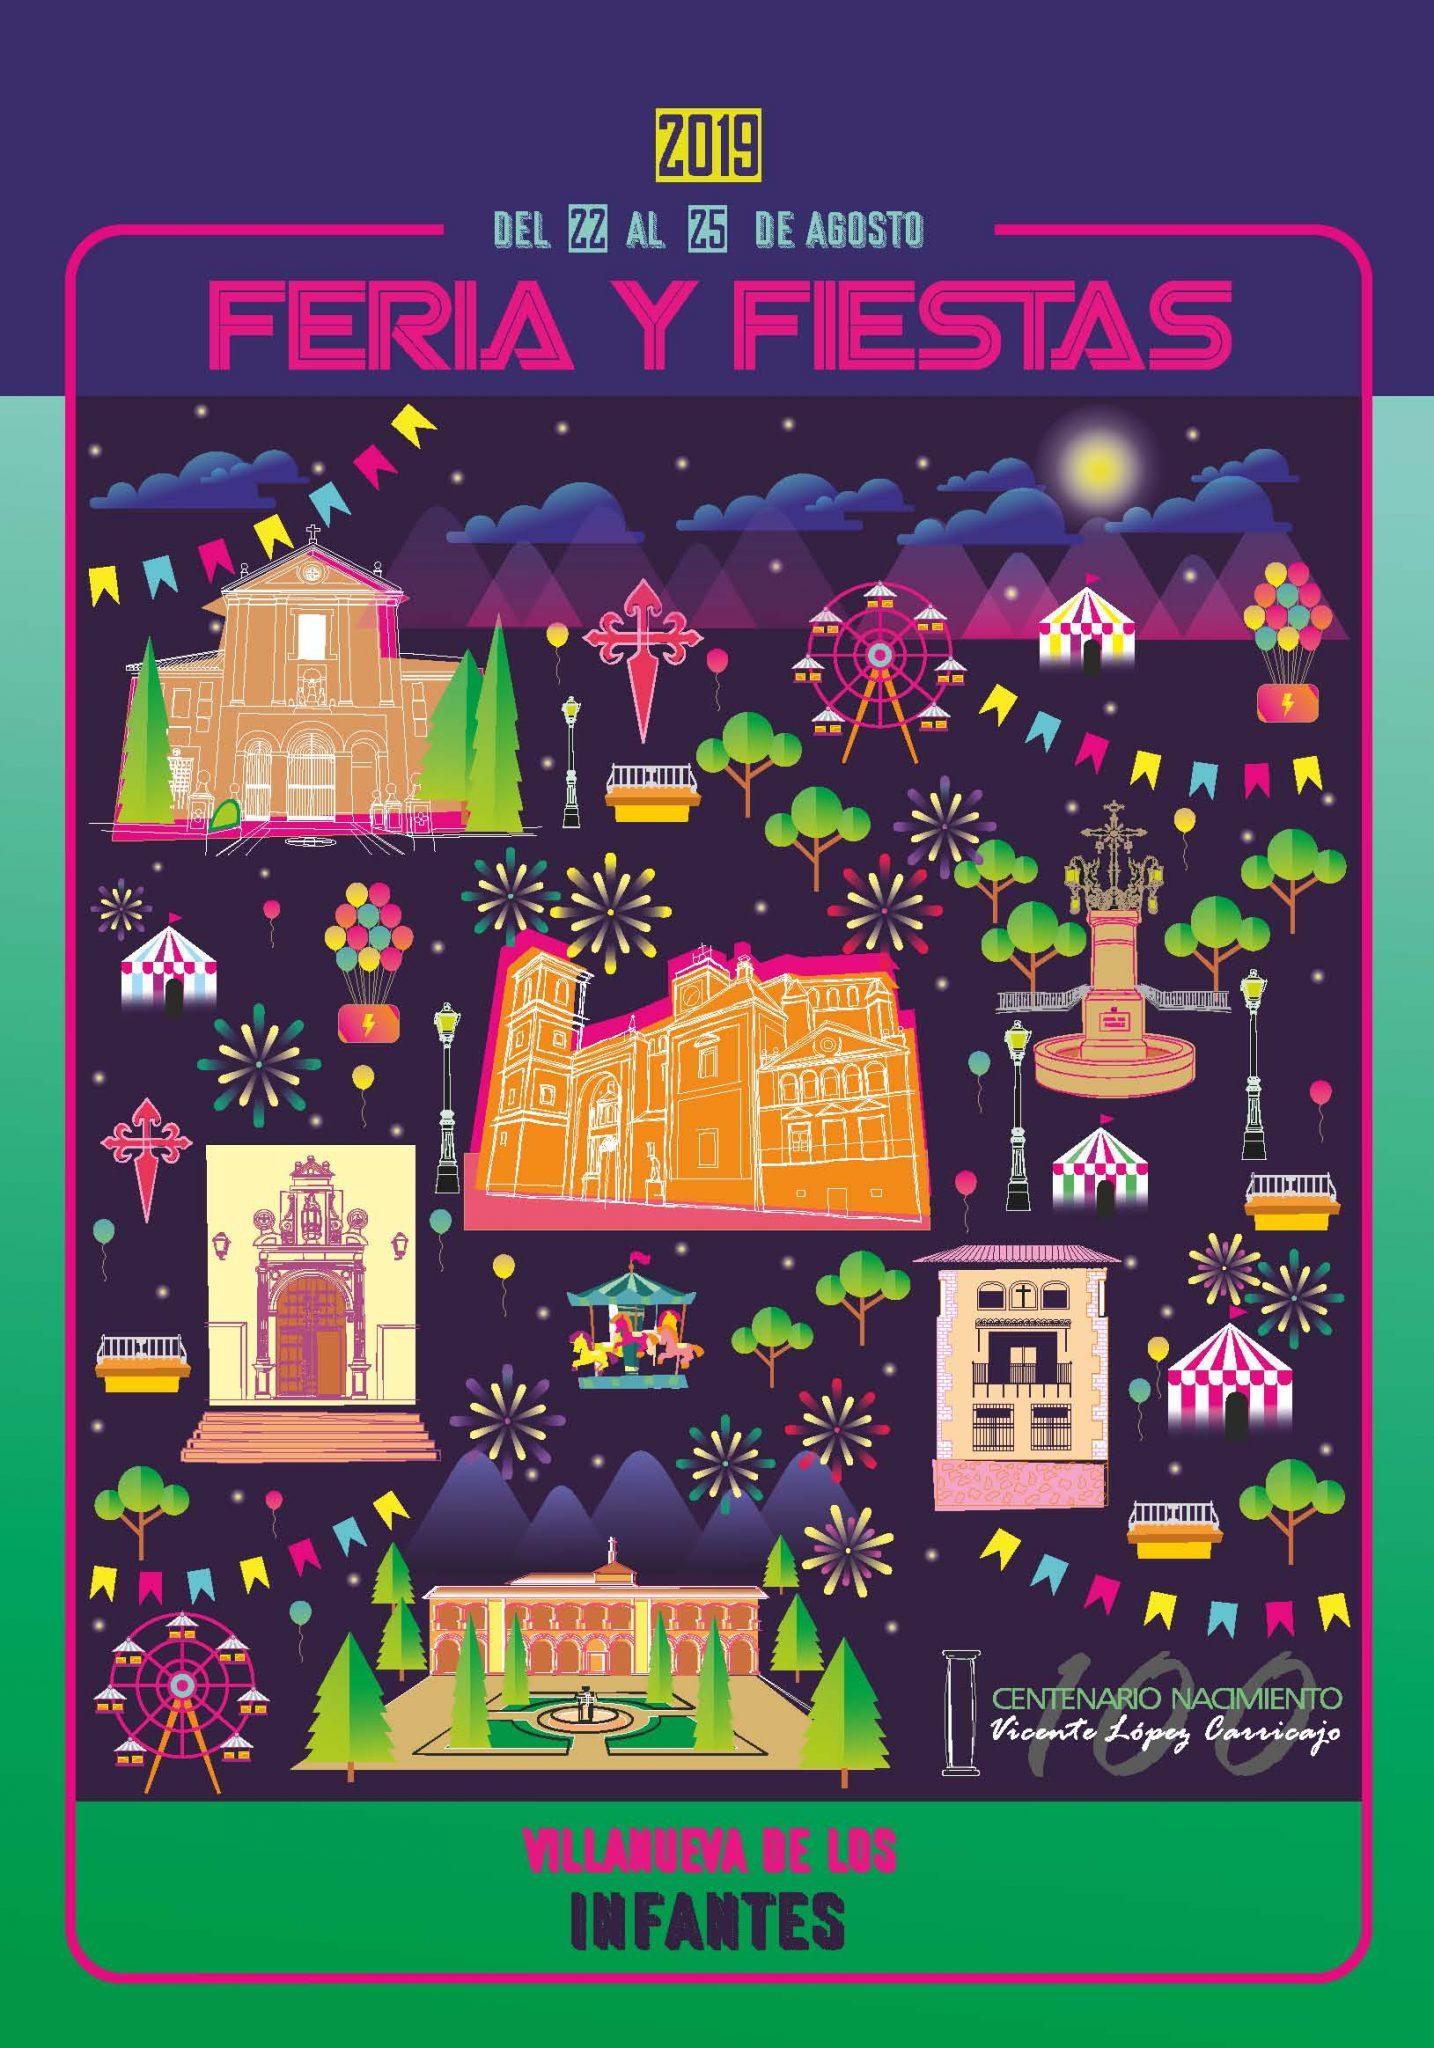 13-37-09-web-feria2019